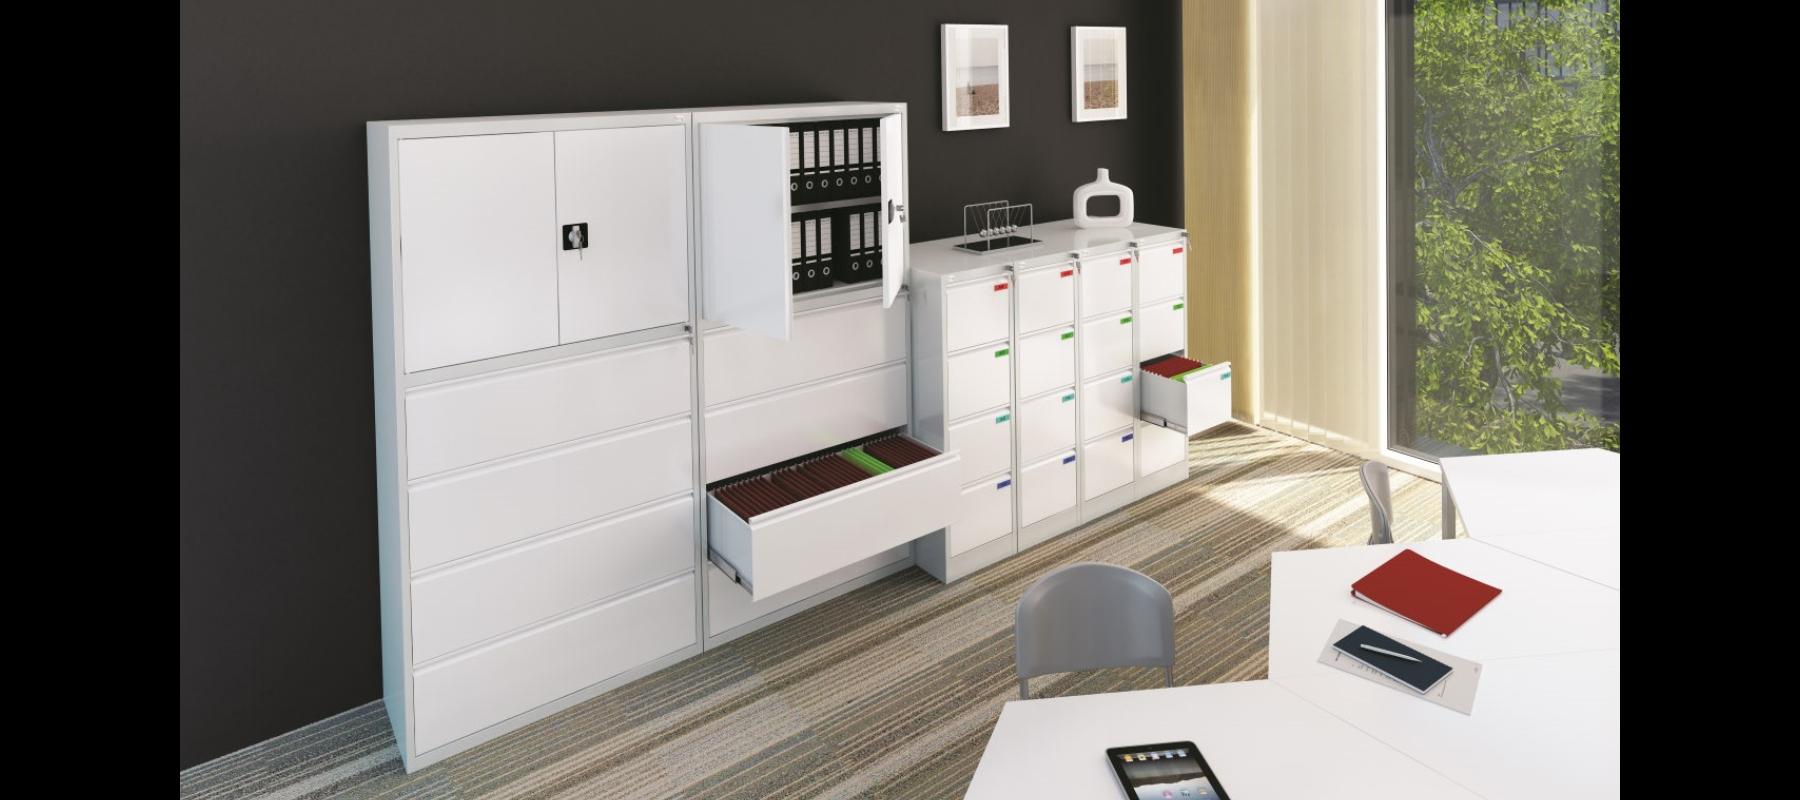 meble metalowe metalowe meble biurowe szafy szufladowe mw aranżacje - 04